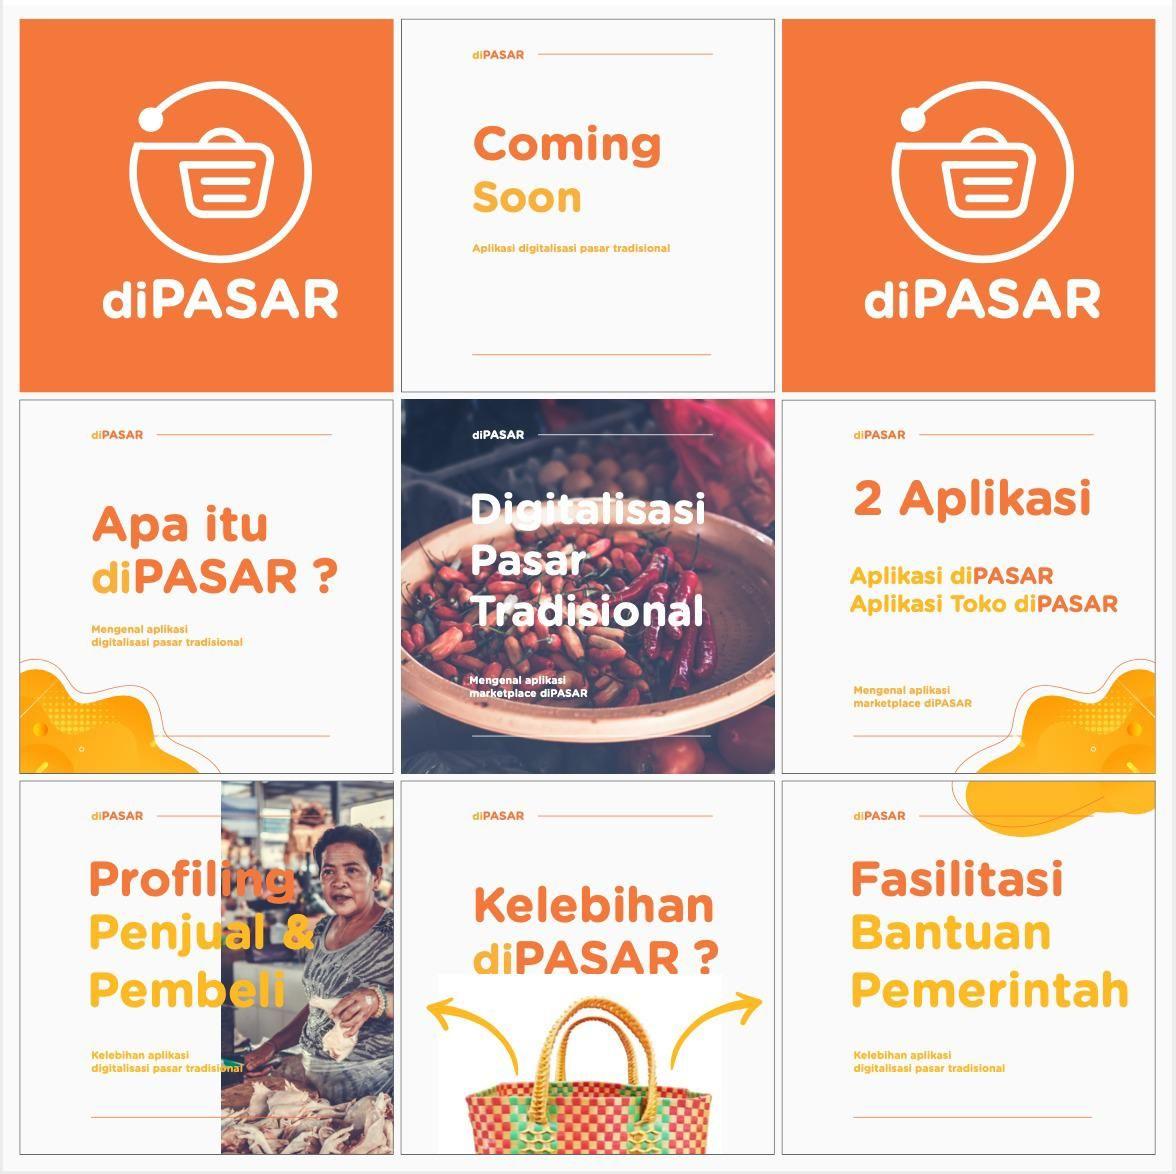 Aplikasi diPasar